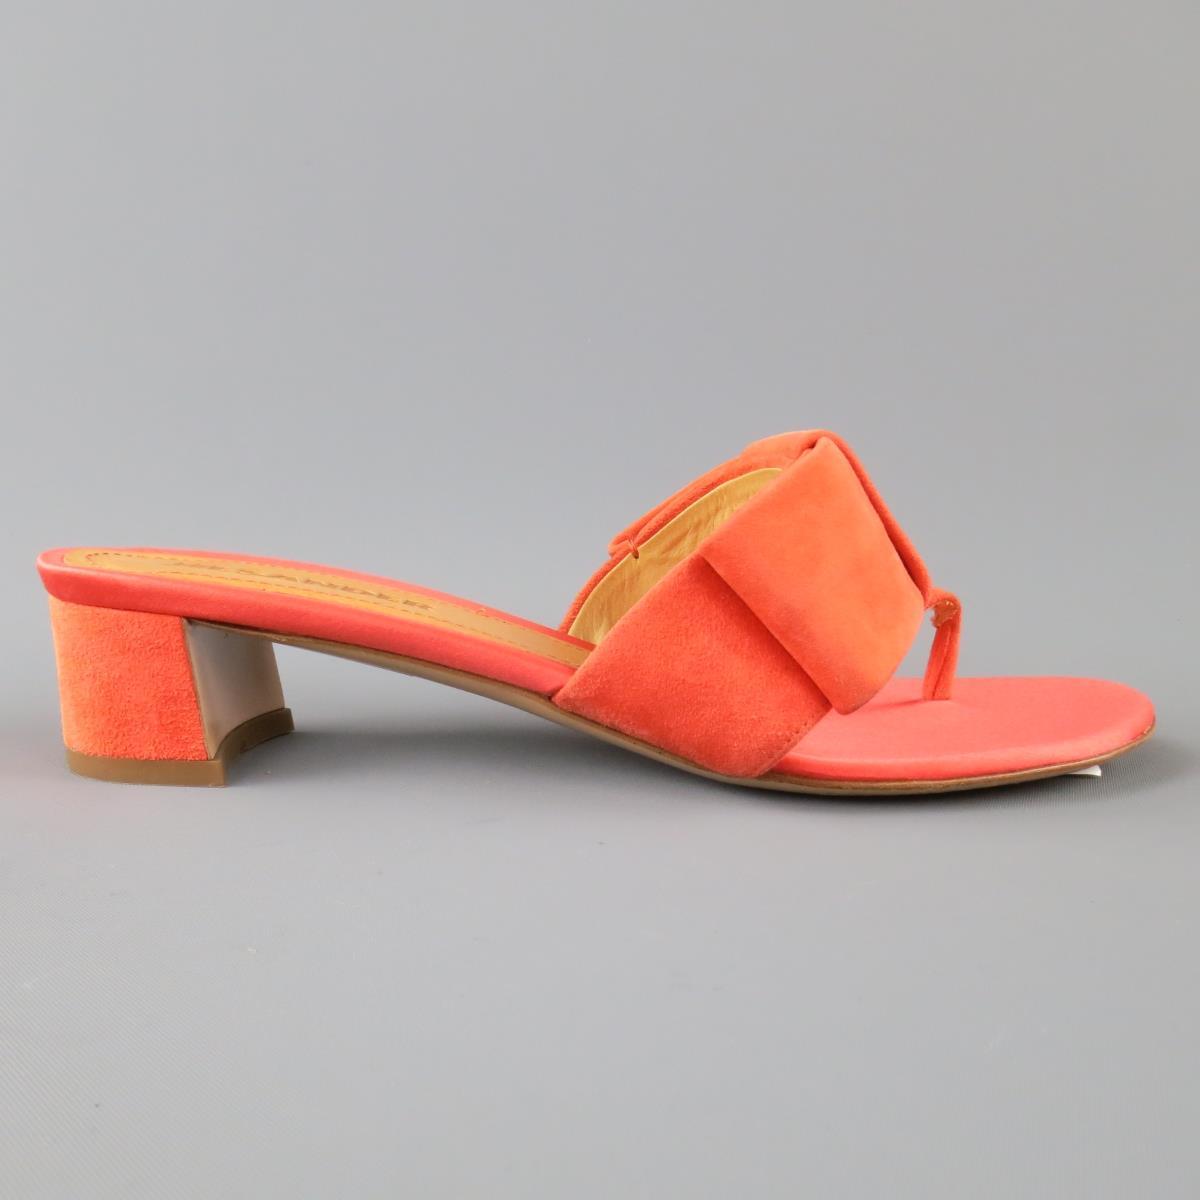 91683a1ce Details about JIL SANDER Size 7 Coral Orange Suede   Satin Bow Sandals